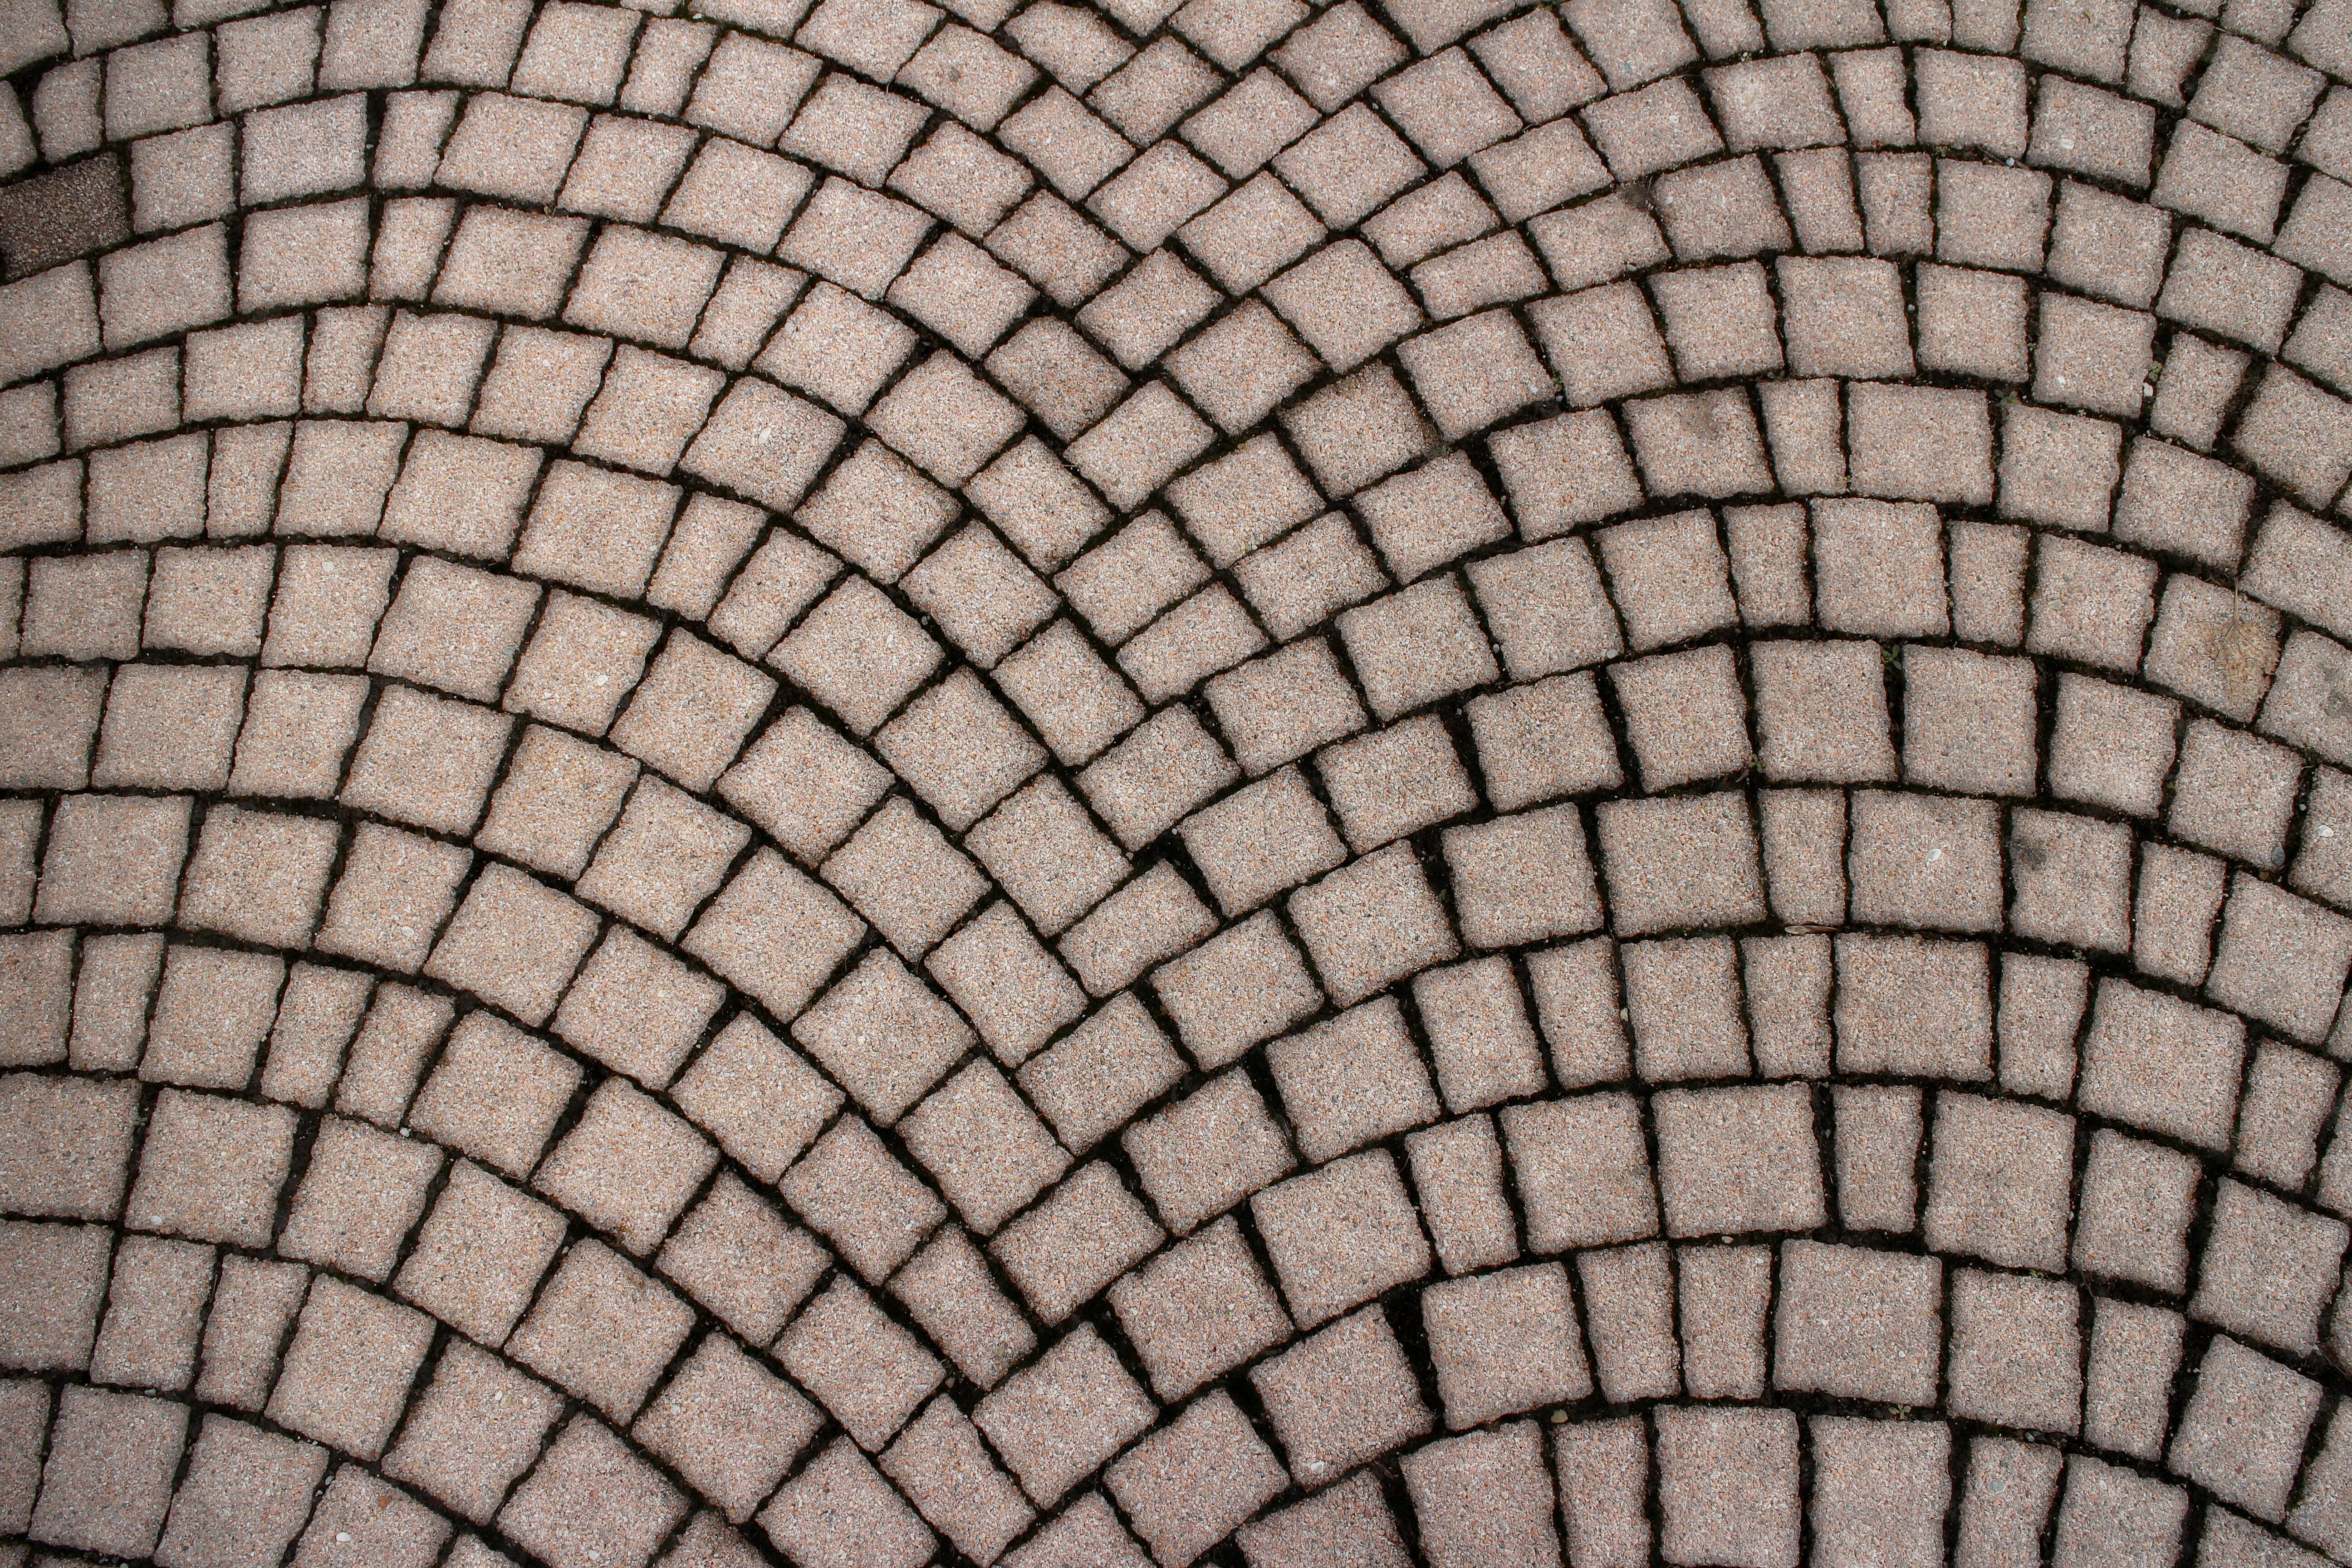 fotos gratis la carretera suelo textura piso guijarro piedra pavimento patrn lnea escena callejera circulo parche piedras